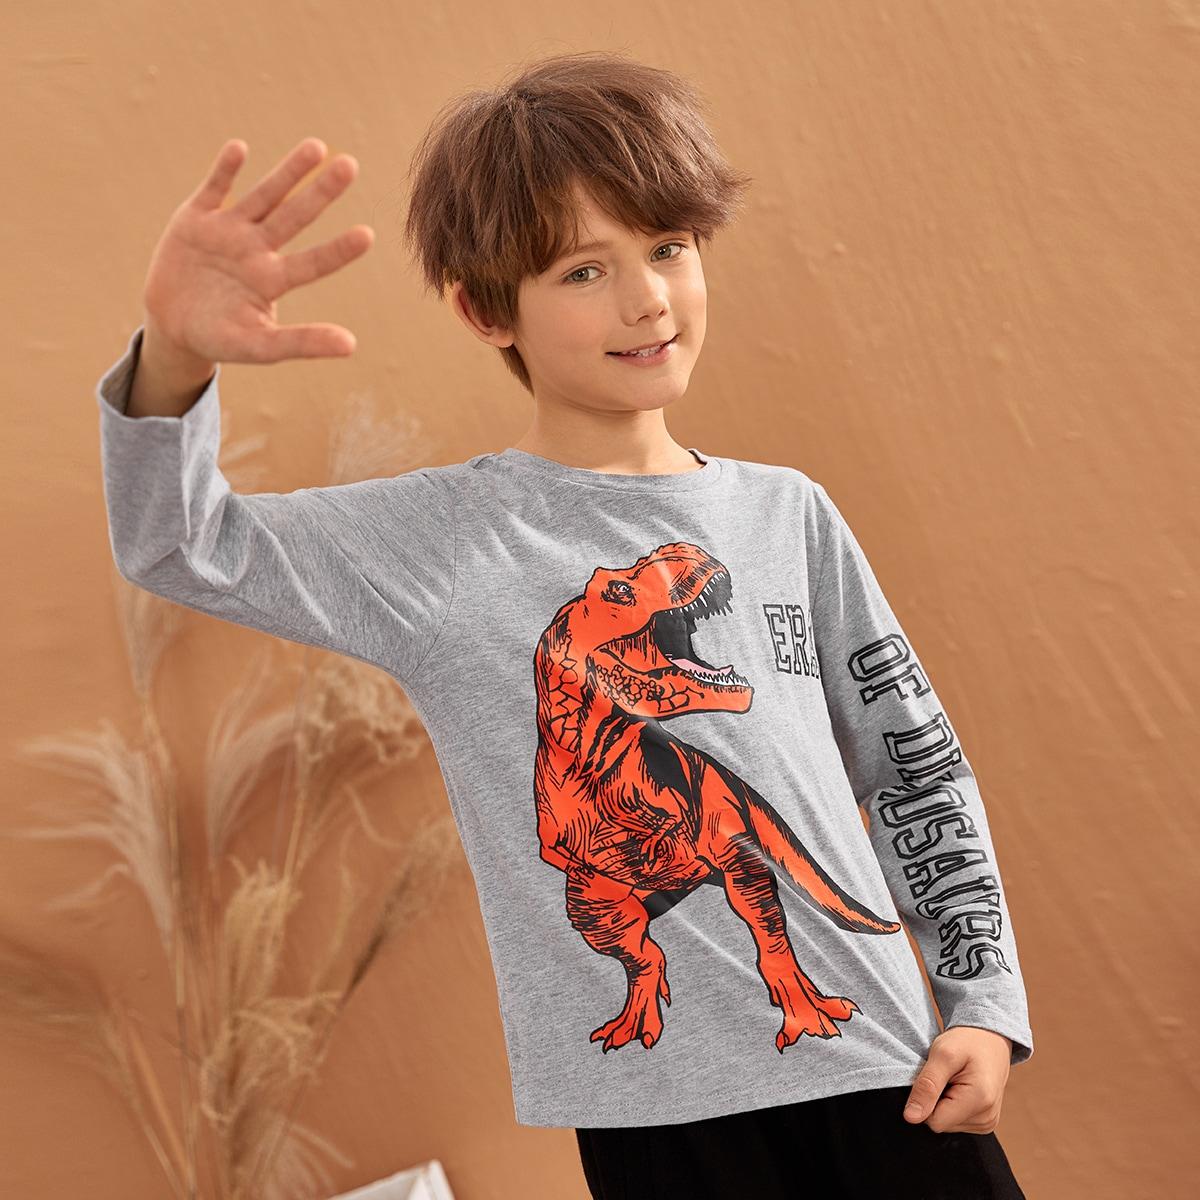 С карикатурой повседневный футболки для мальчиков